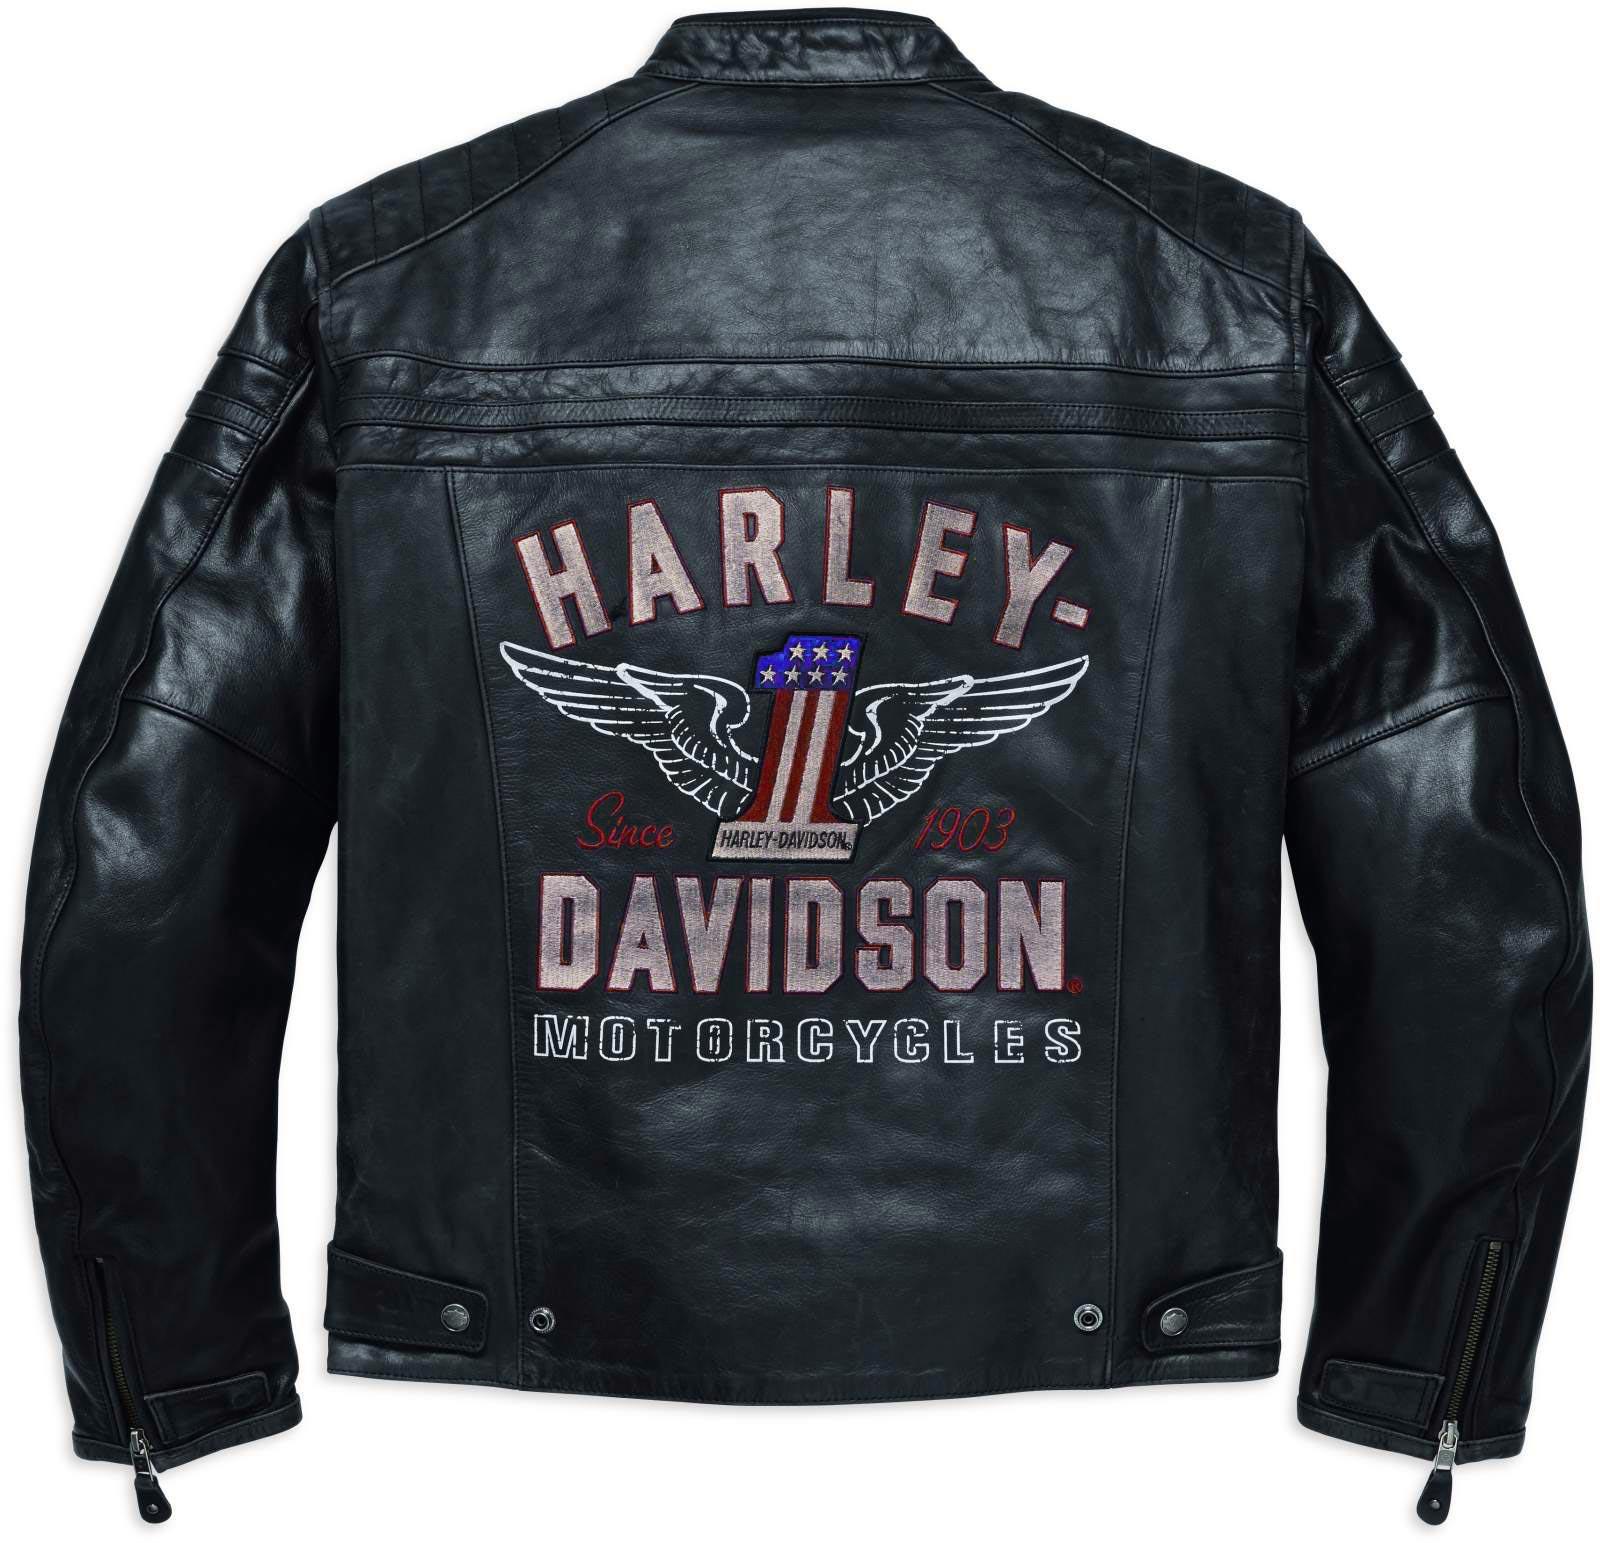 98121 17em harley davidson lederjacke 1 genuine classic im thunderbike shop. Black Bedroom Furniture Sets. Home Design Ideas